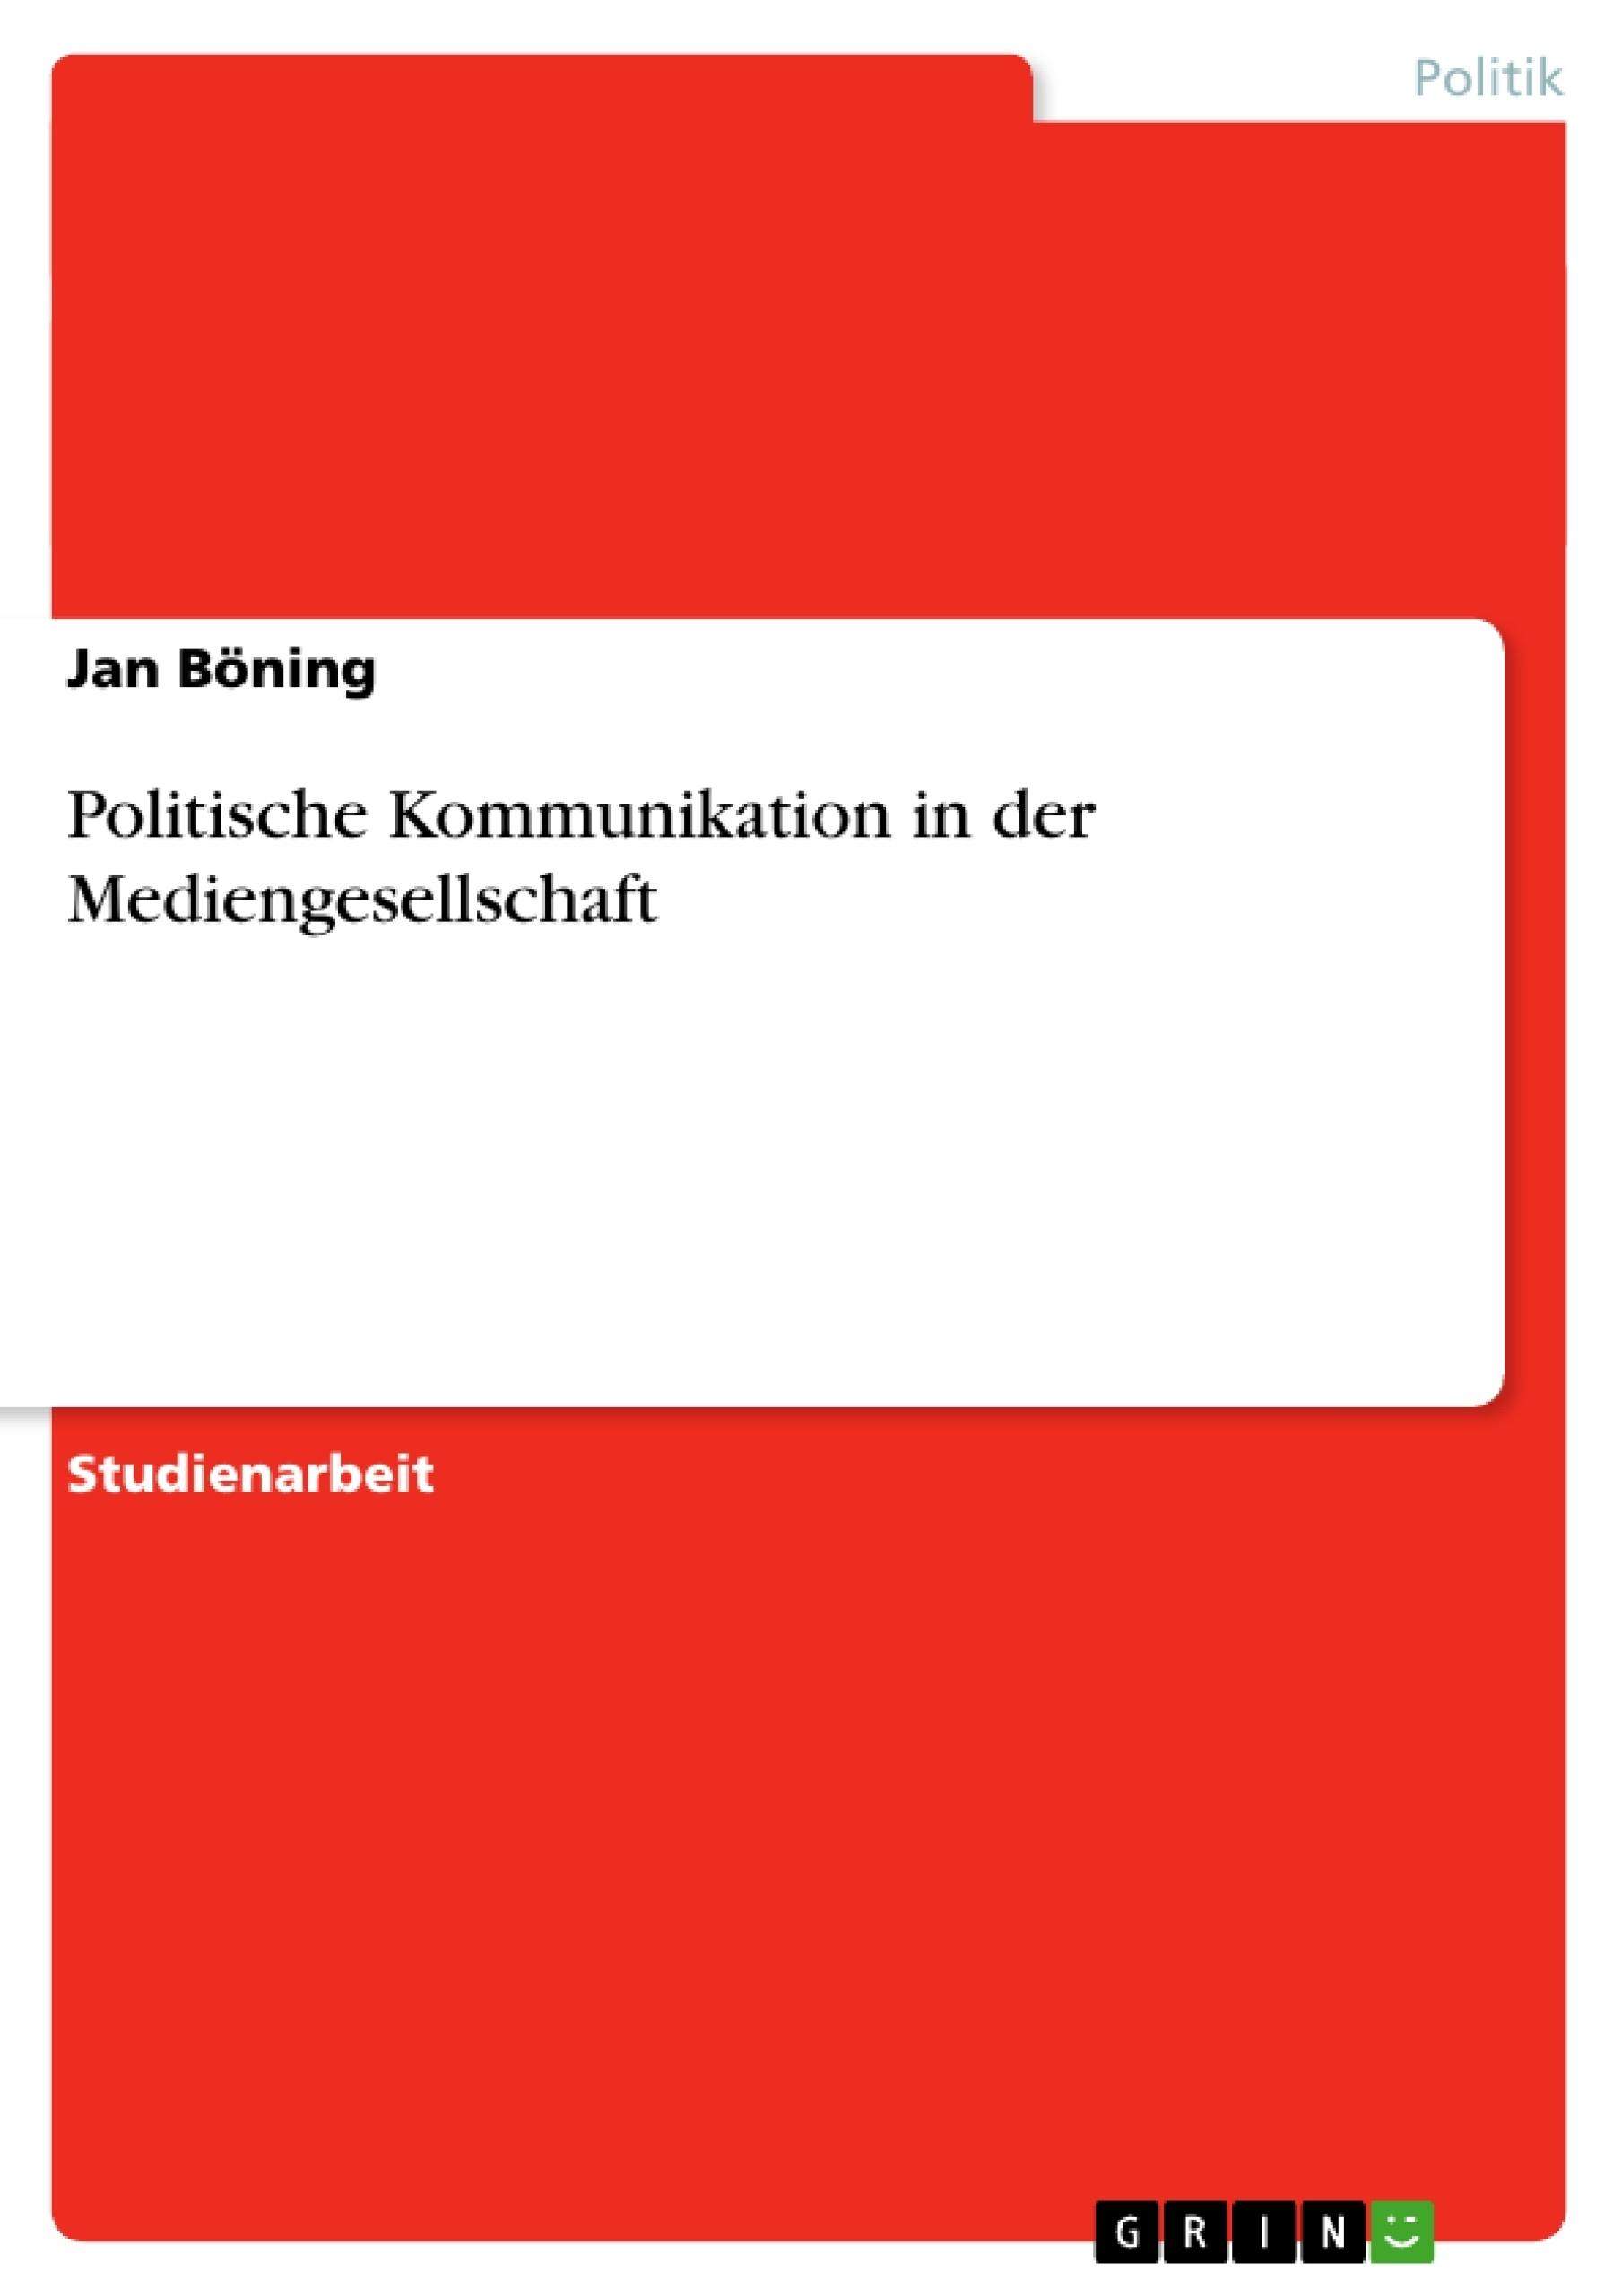 Titel: Politische Kommunikation in der Mediengesellschaft